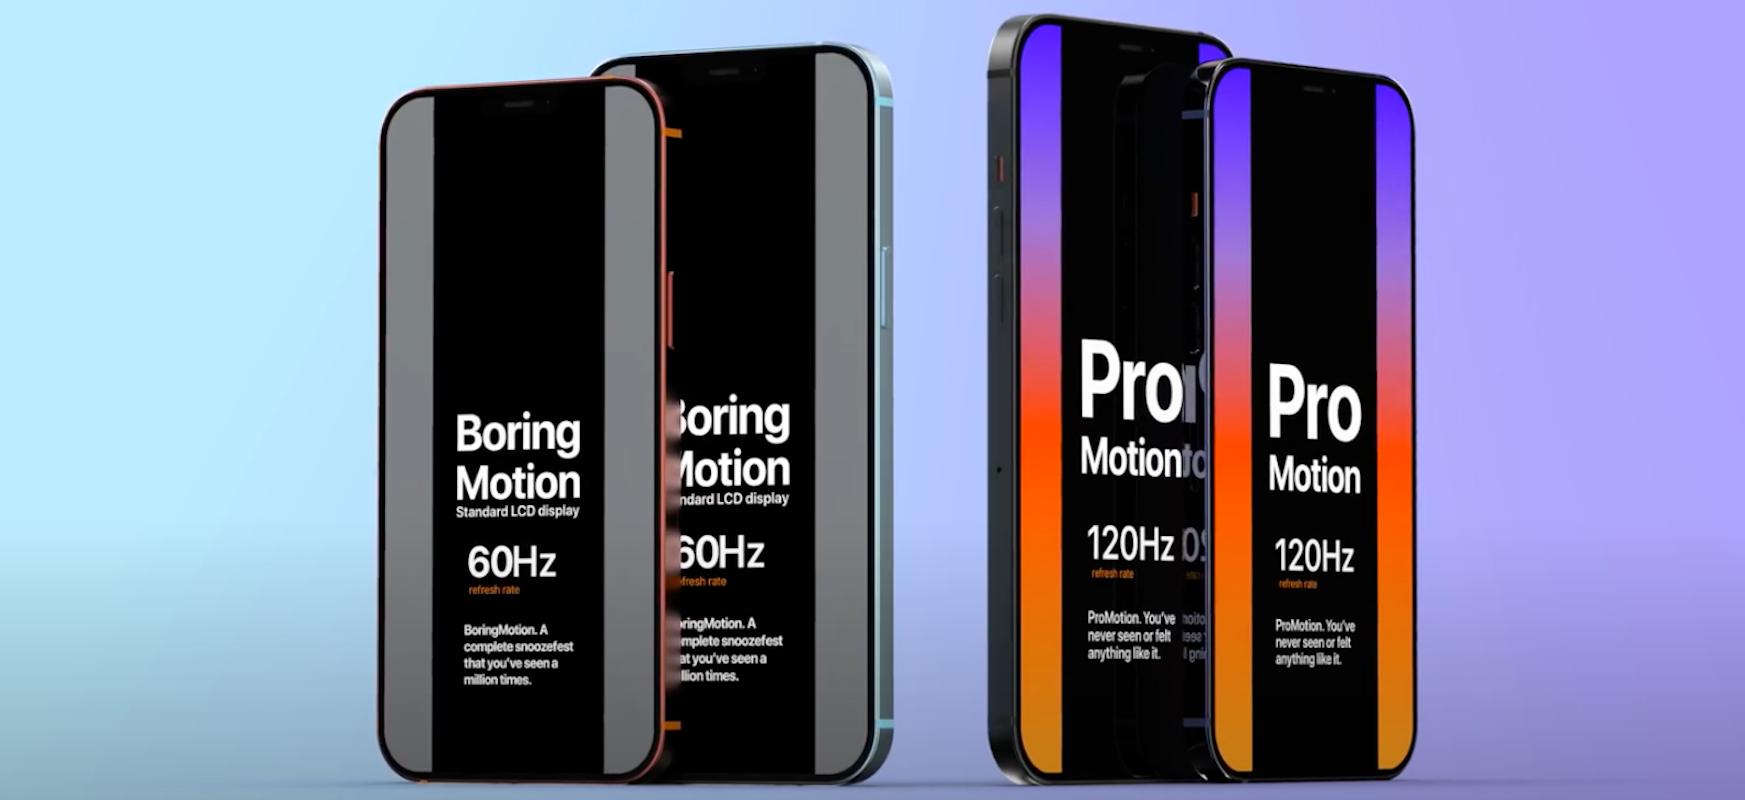 Etxebizitza berria eta 5G ez dira produktu berri bakarrak.  iPhone 12 ProMotion pantaila 120 Hz-era freskatu bat lortzeko da